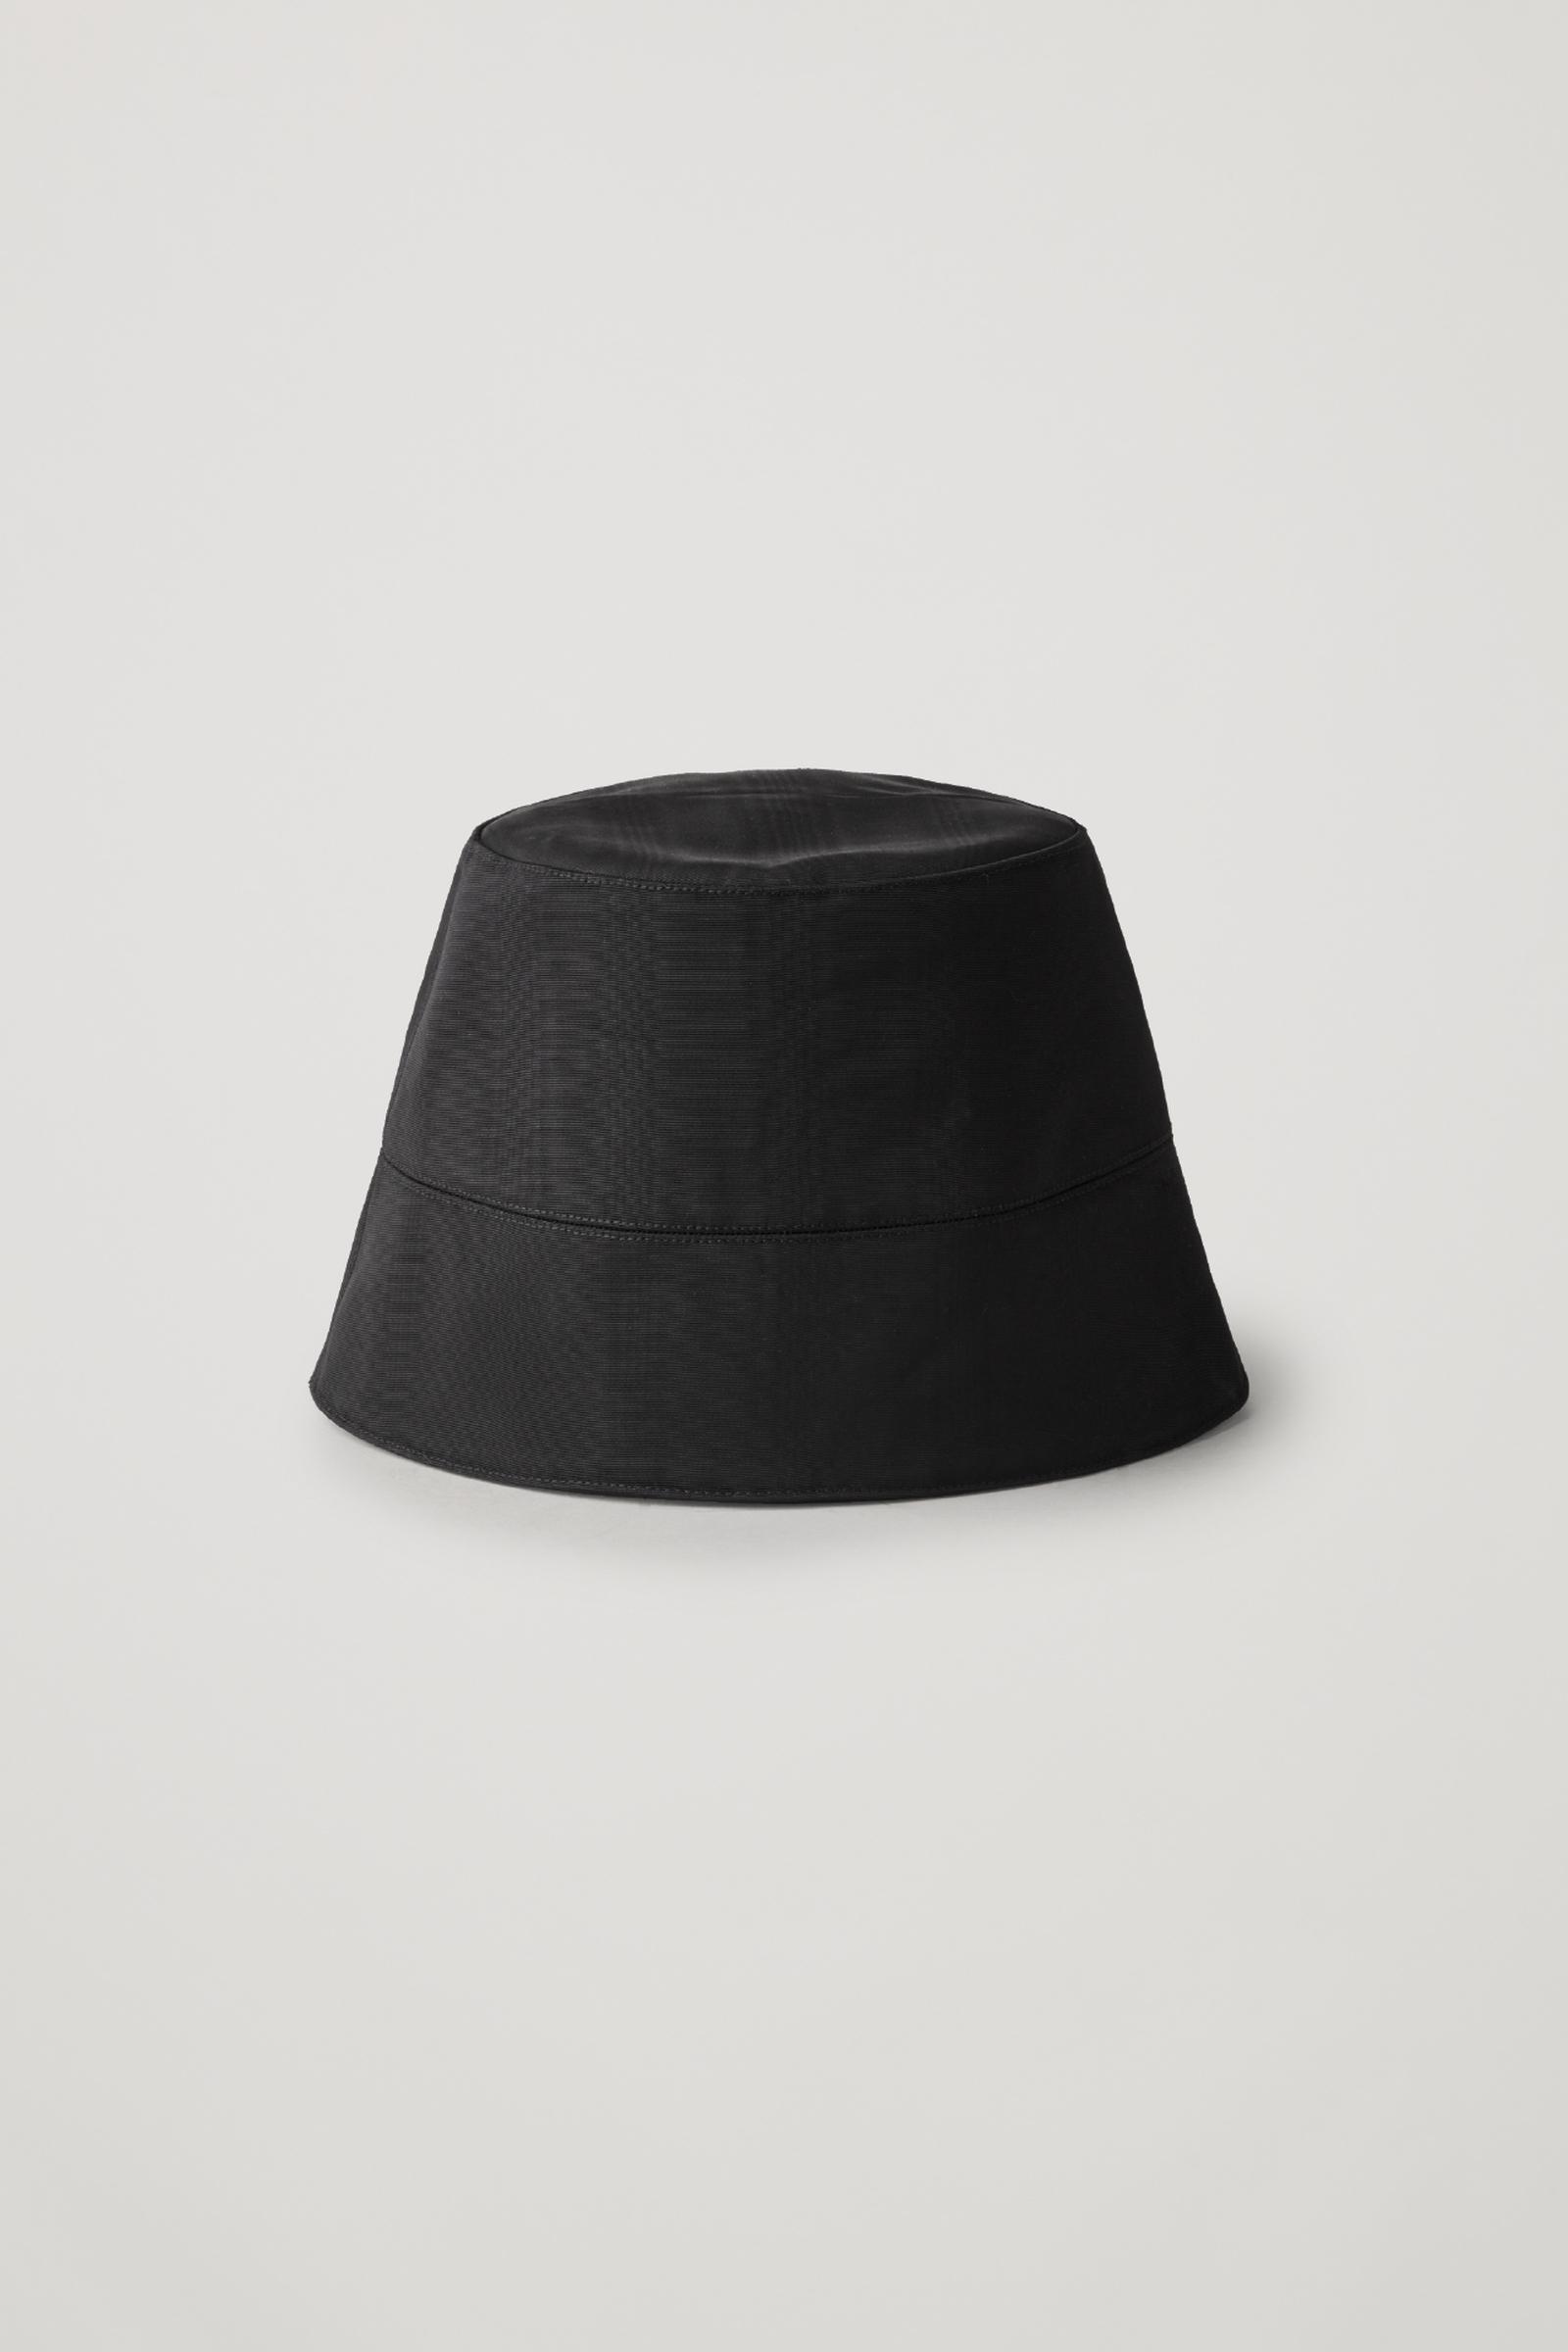 COS 무아레 버킷 햇의 블랙컬러 상품컷입니다.